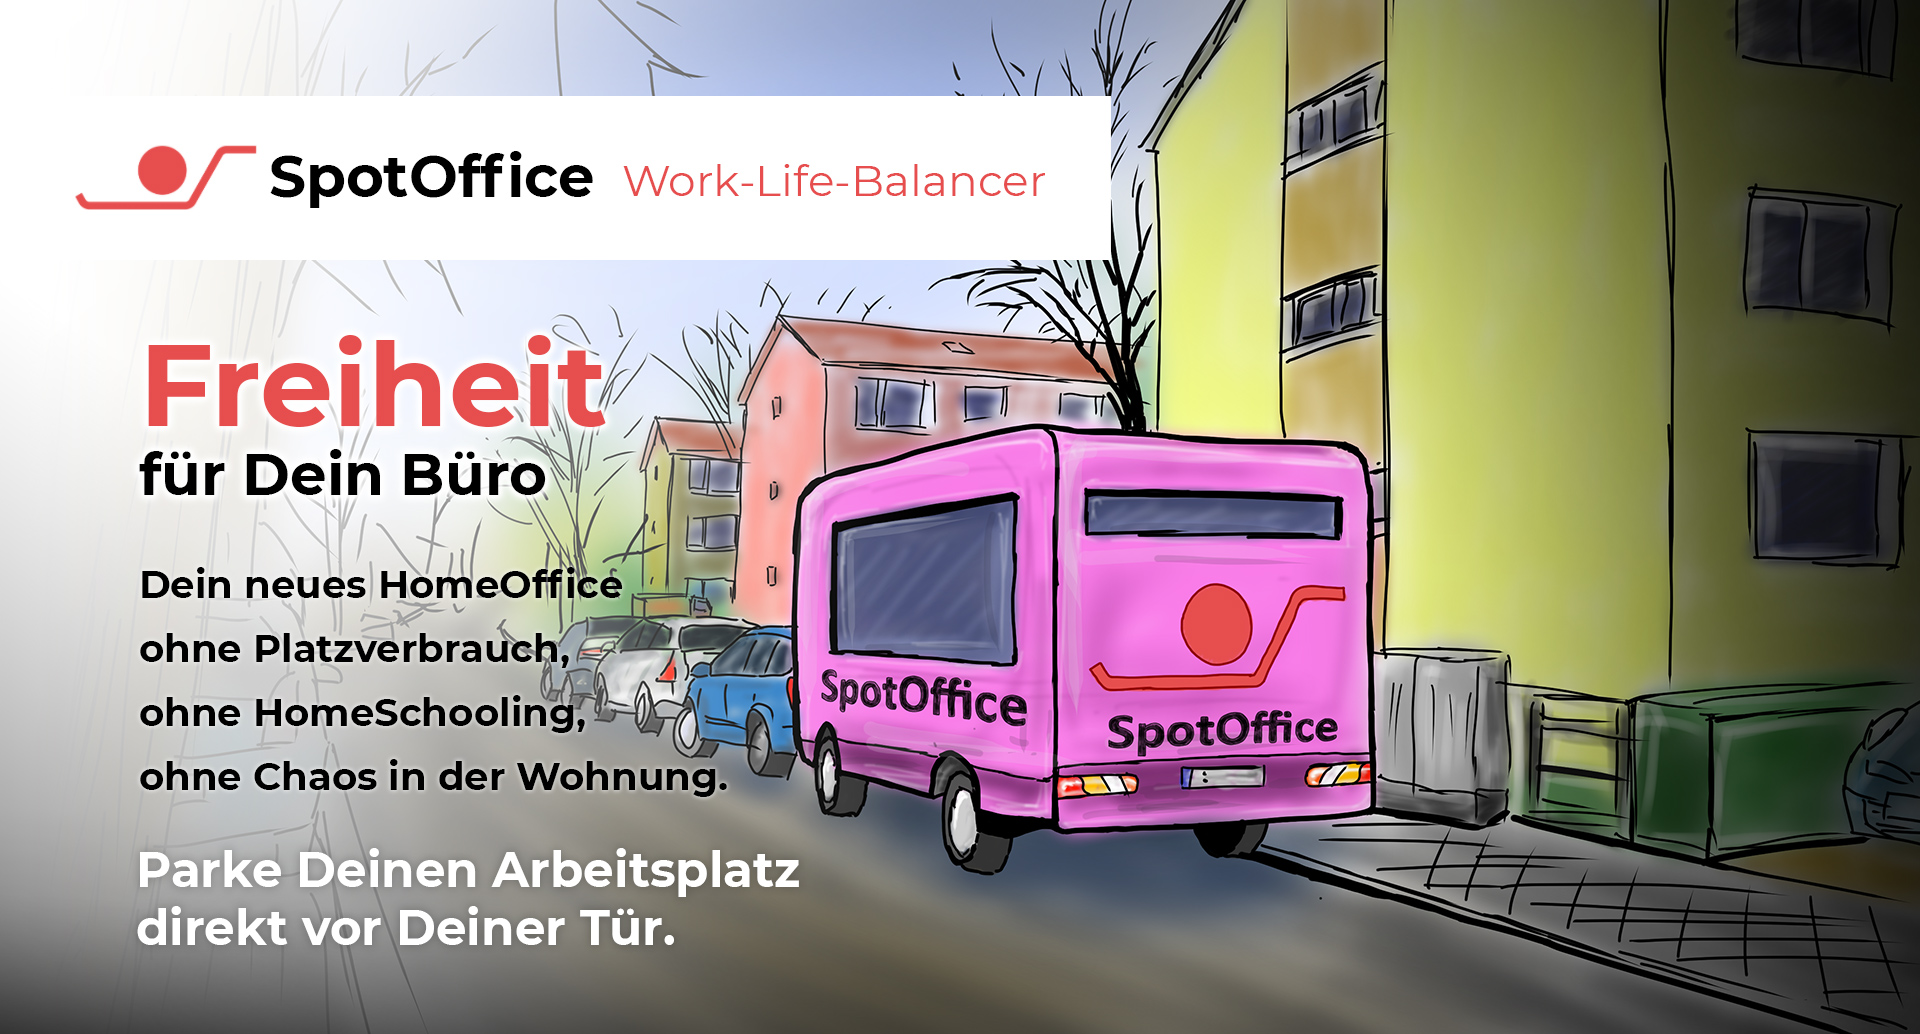 Office ohne Berufsverkehr, ohne Großraumbüro, ohne Stress